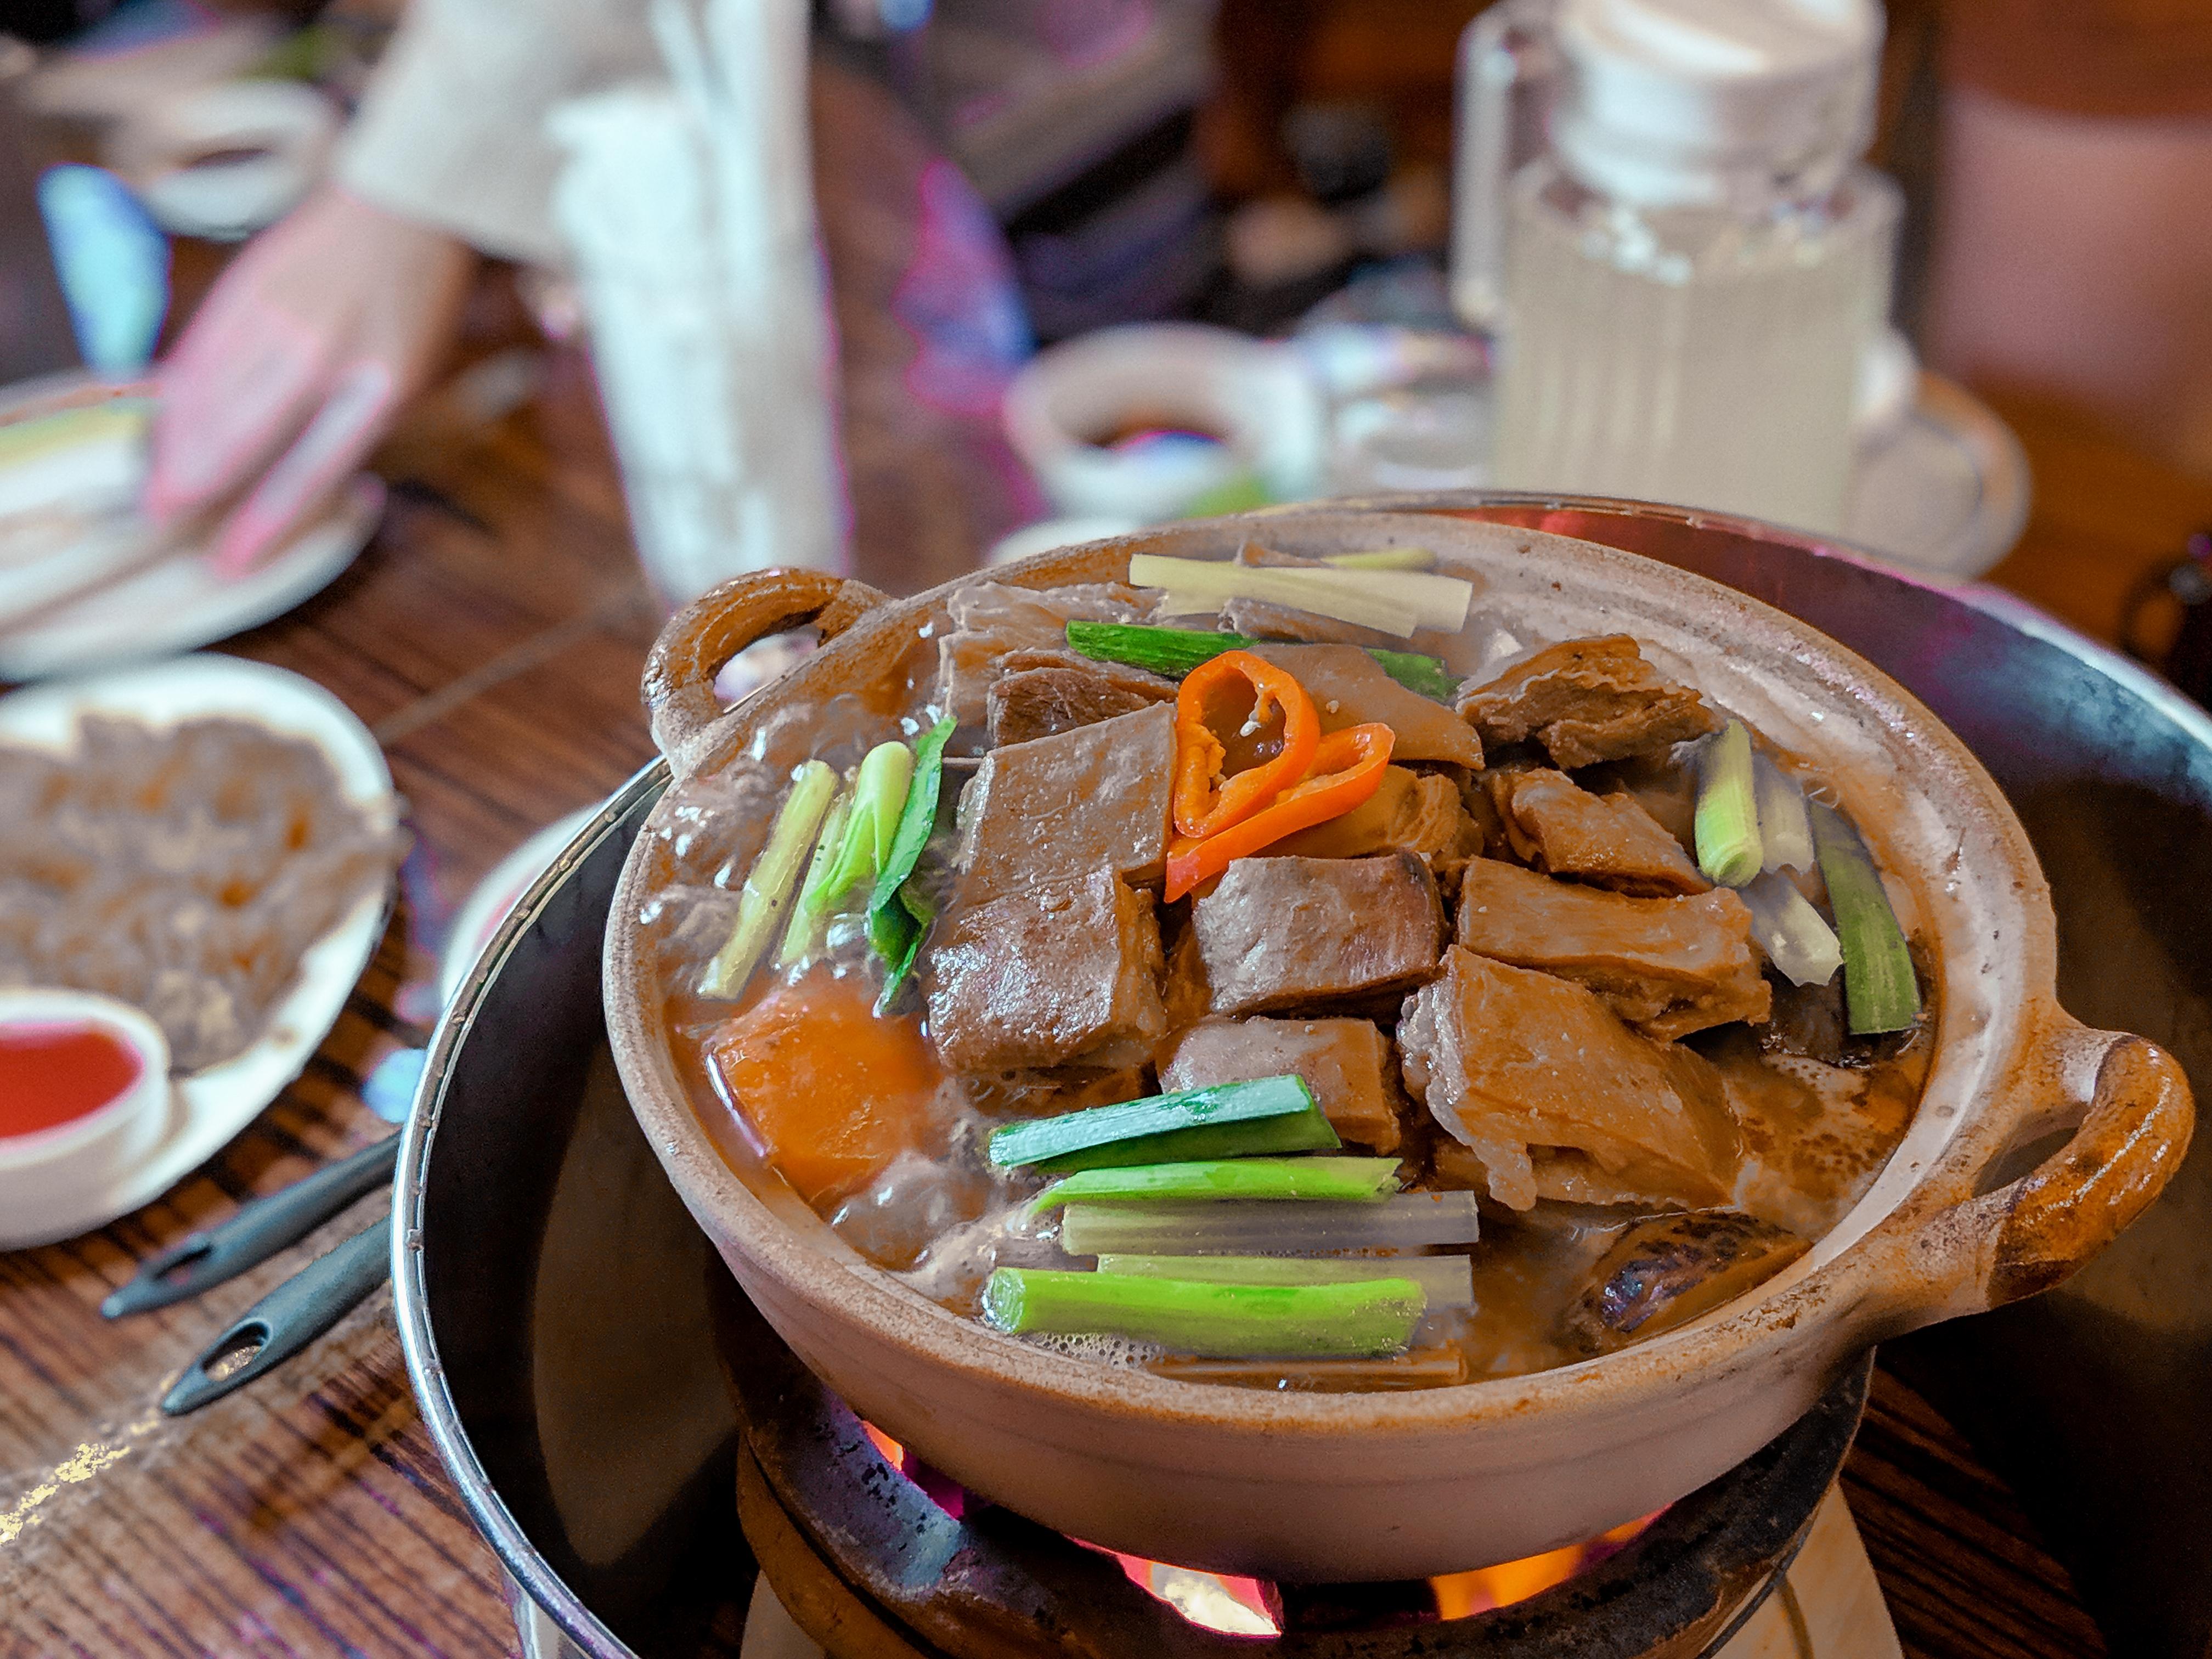 7.Lei Ka Choi Hot Pot at Broadway Macao's Hot Pot sensation